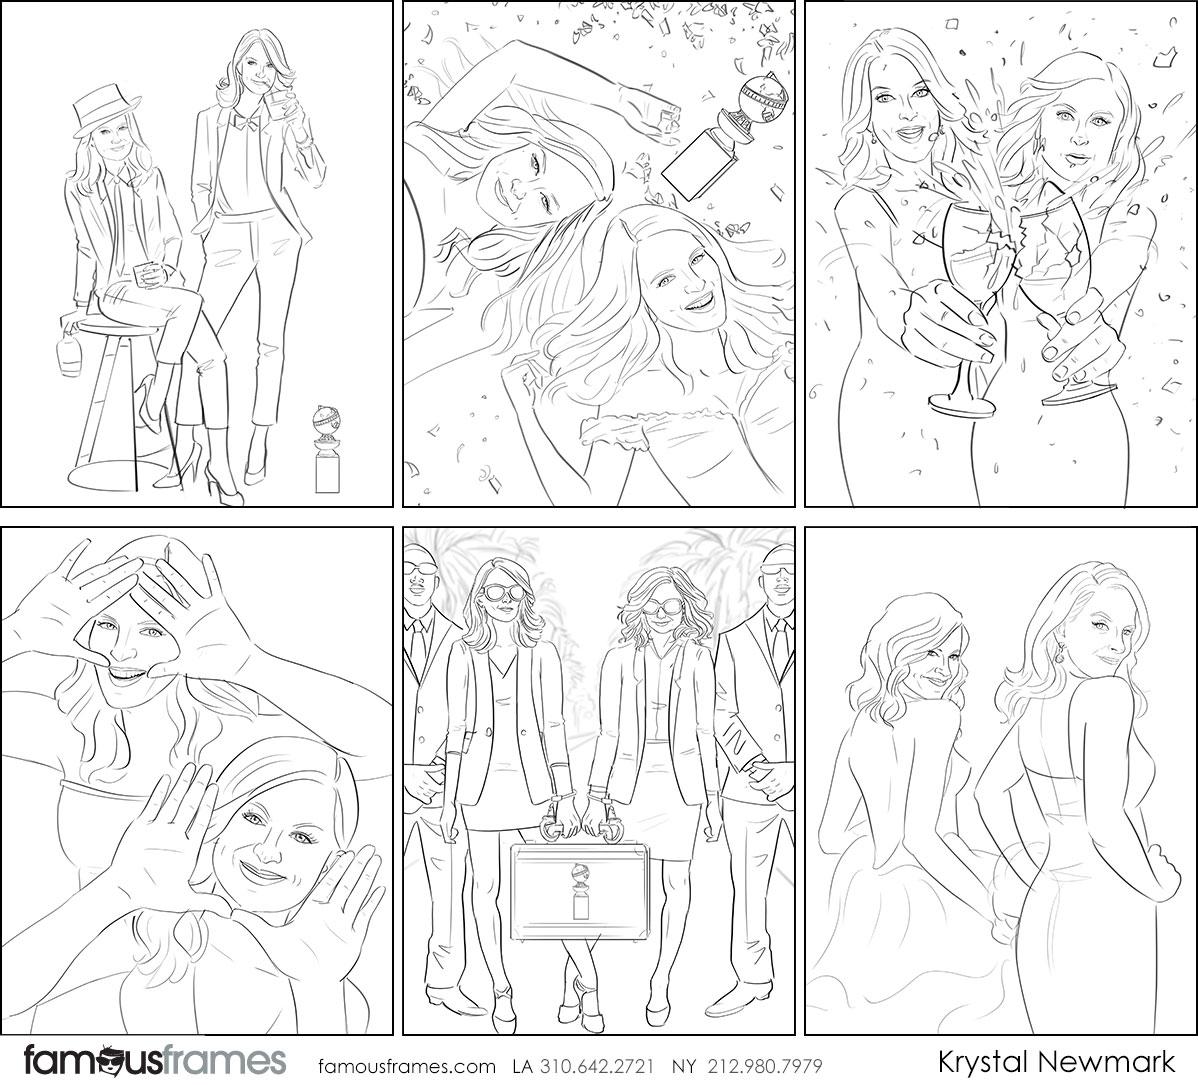 Krystal Newmark's People - B&W Line storyboard art (Image #5666_114_1559261718)